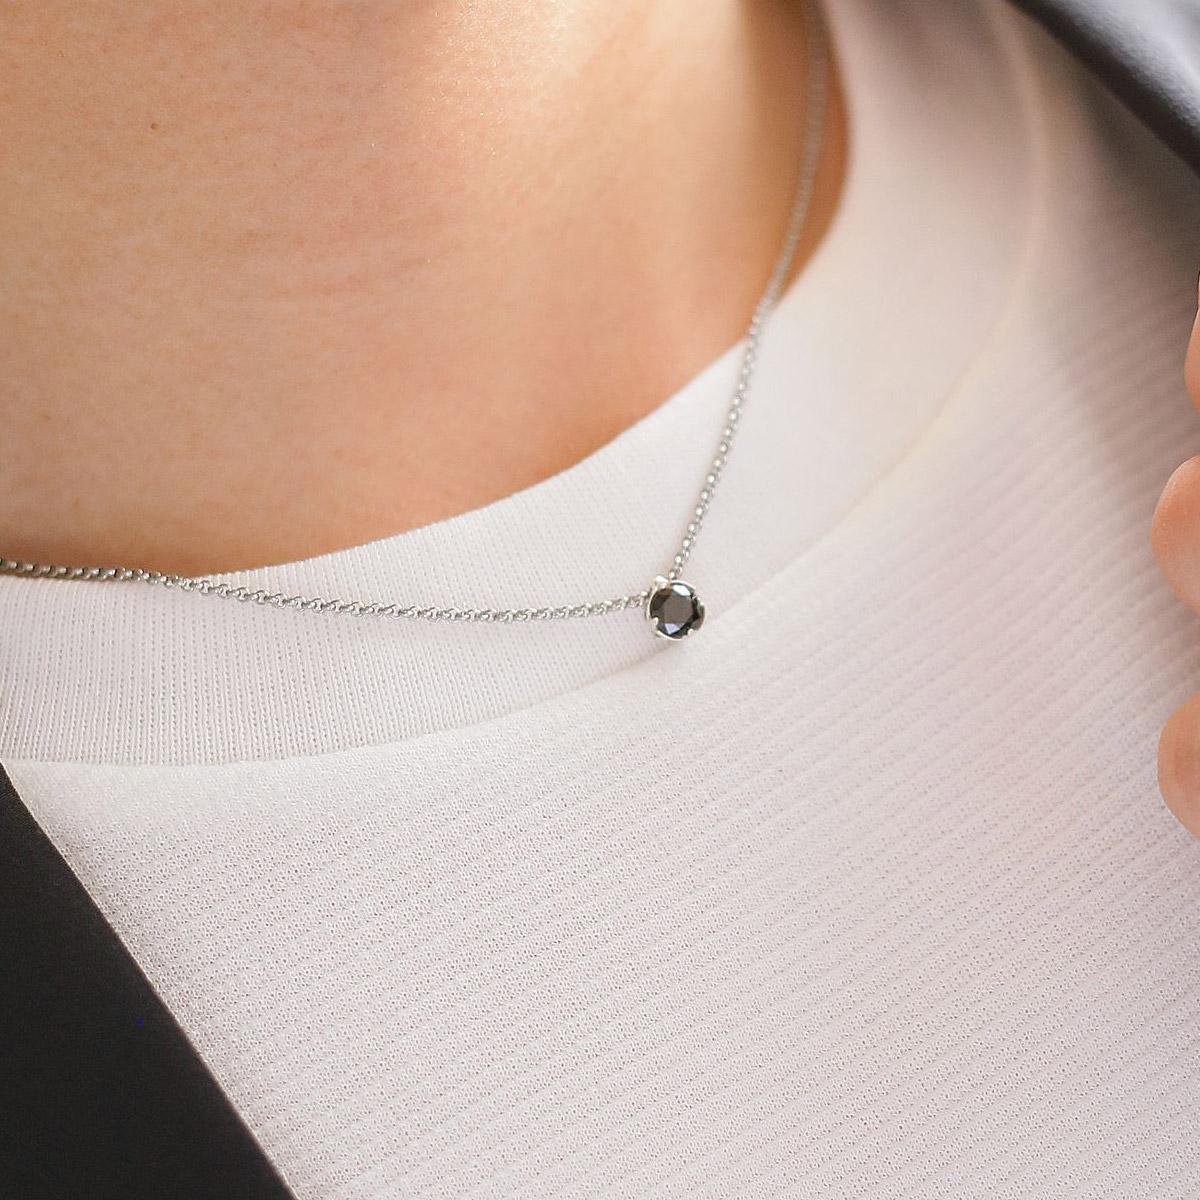 Lauss ペア ネックレス 大粒 最上級 スワロフスキー・ジルコニア ソリテールネックレス K10 & 316L ペアジュエリー opp00041 (長方形パッケージ)conpact